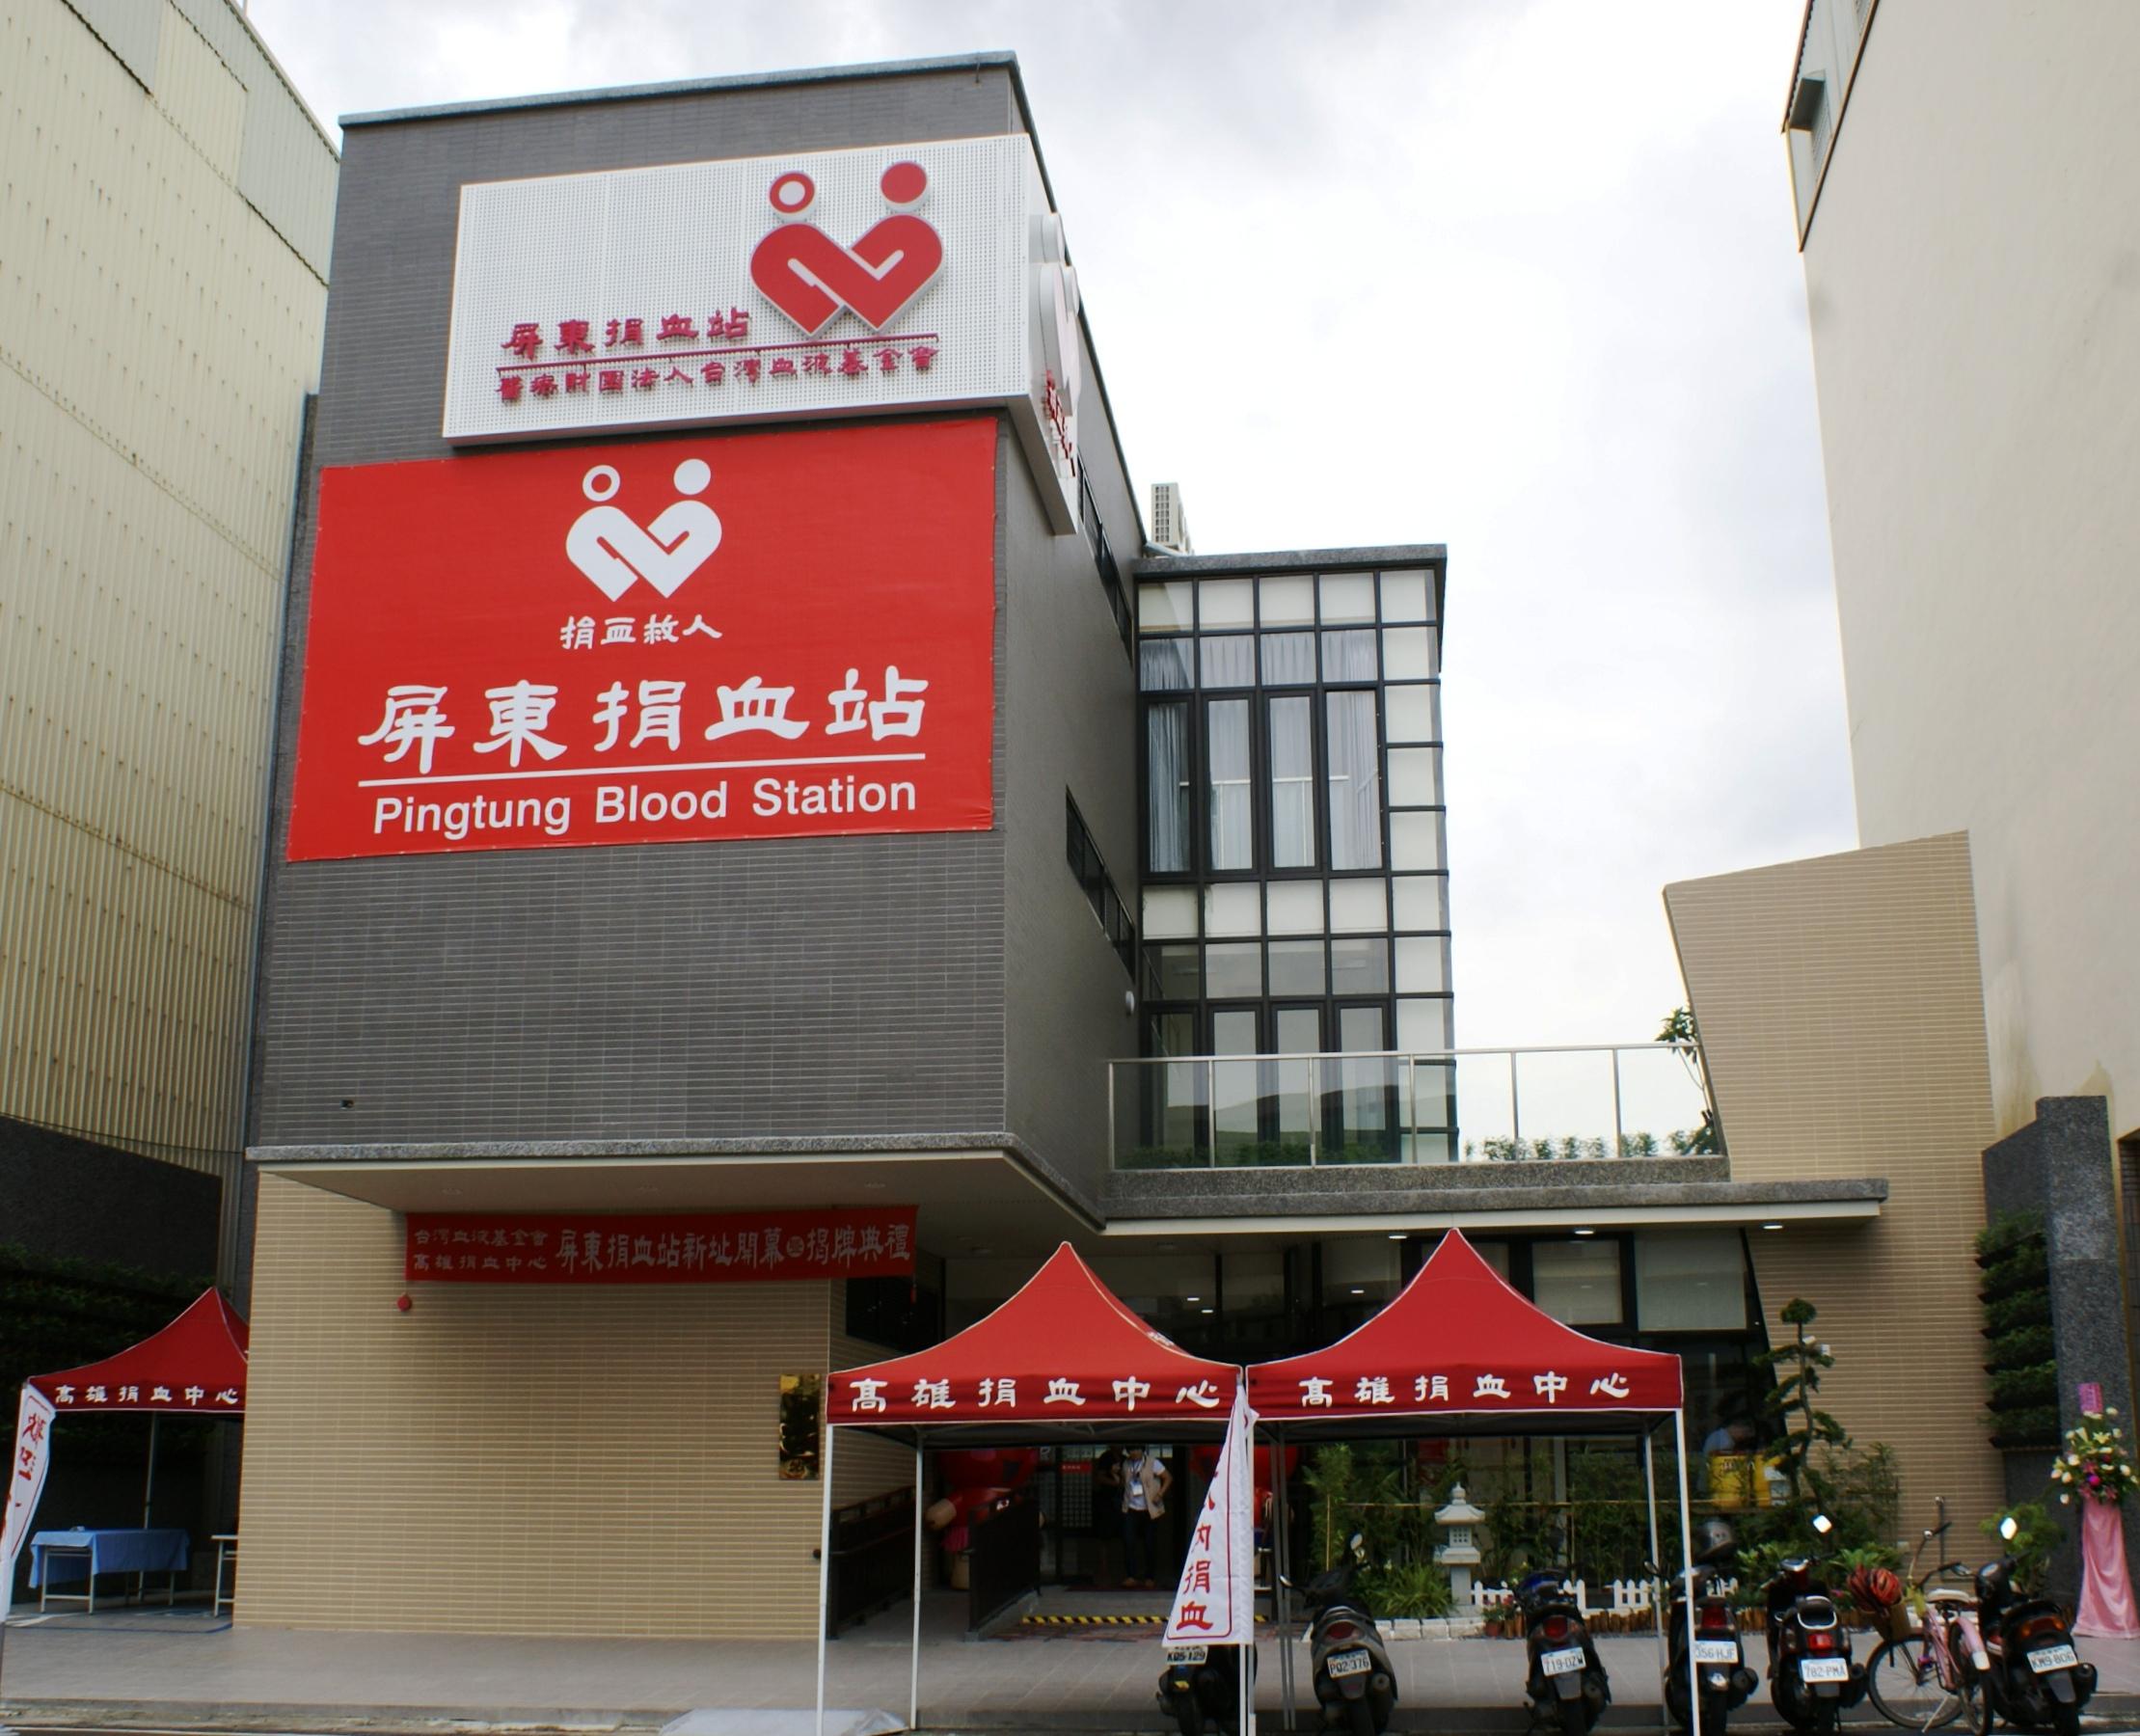 屏東捐血站於104年5月27日落成啟用